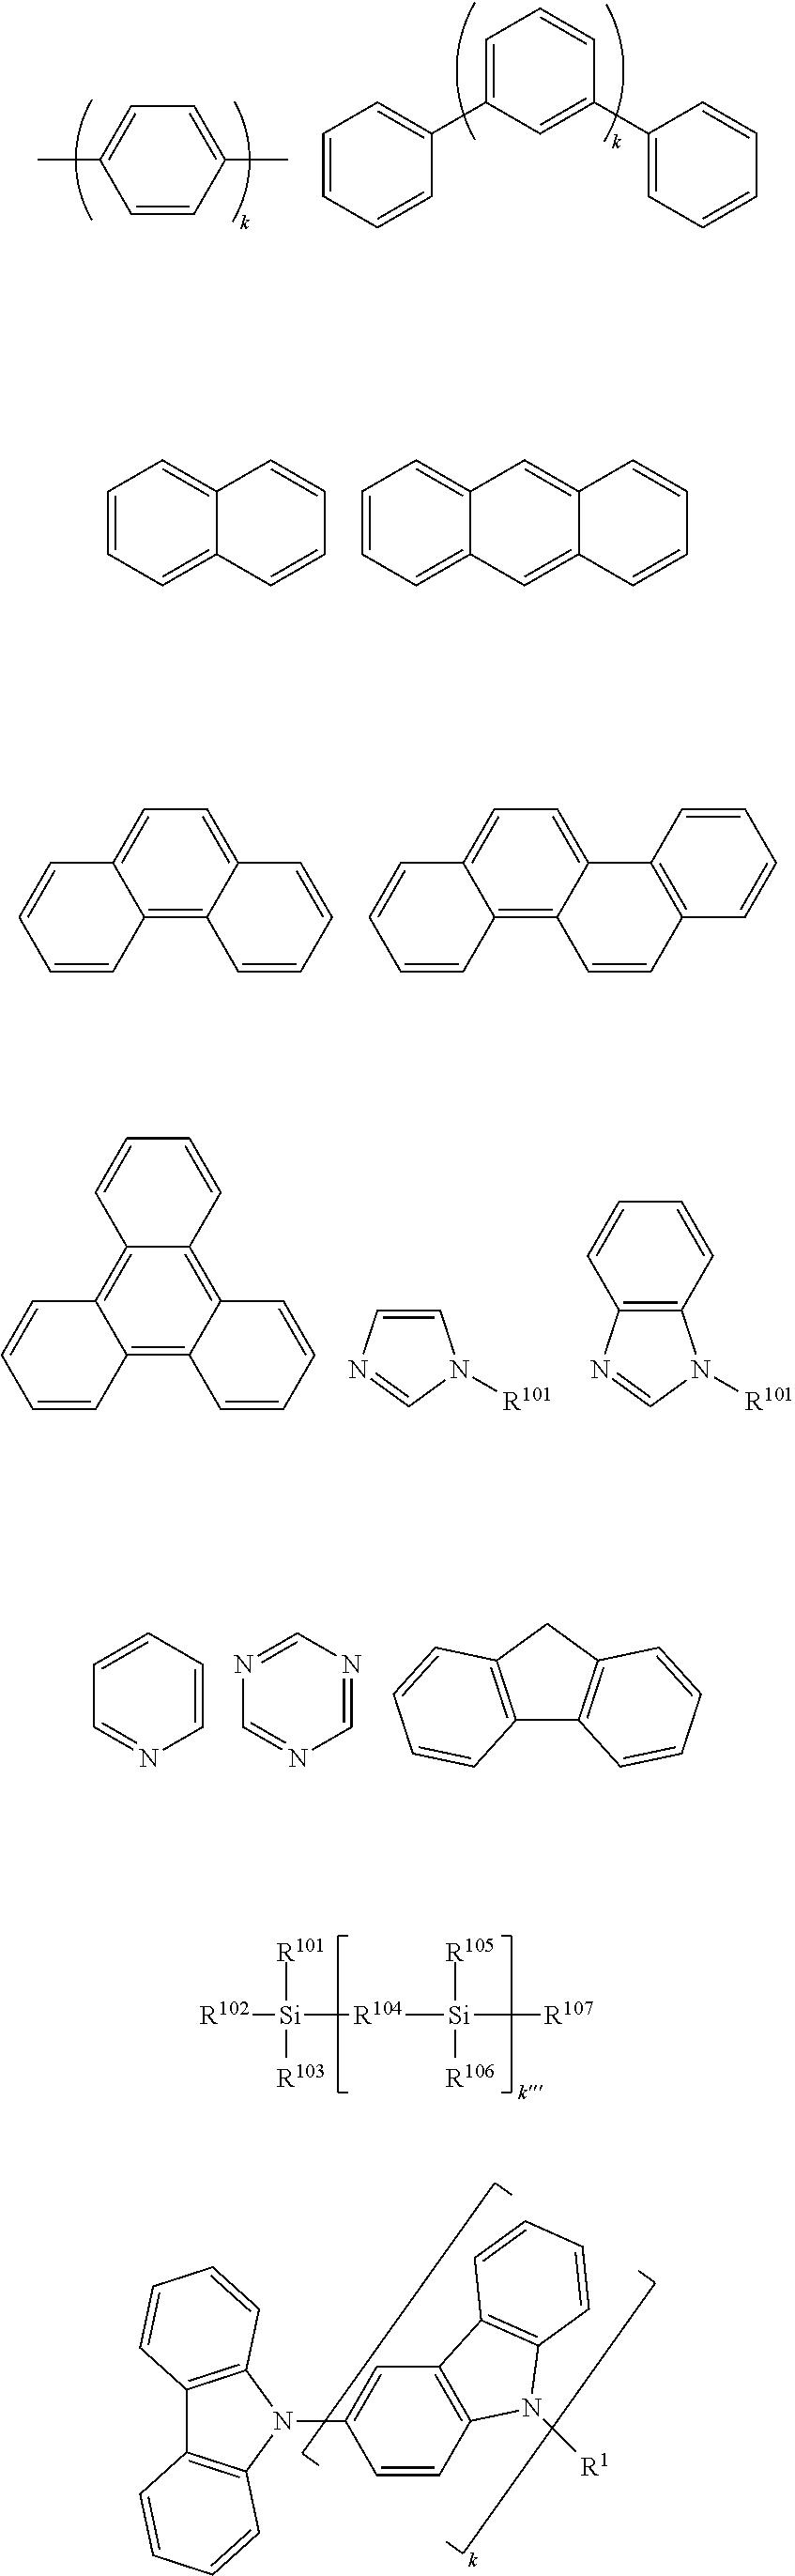 Figure US10121975-20181106-C00032